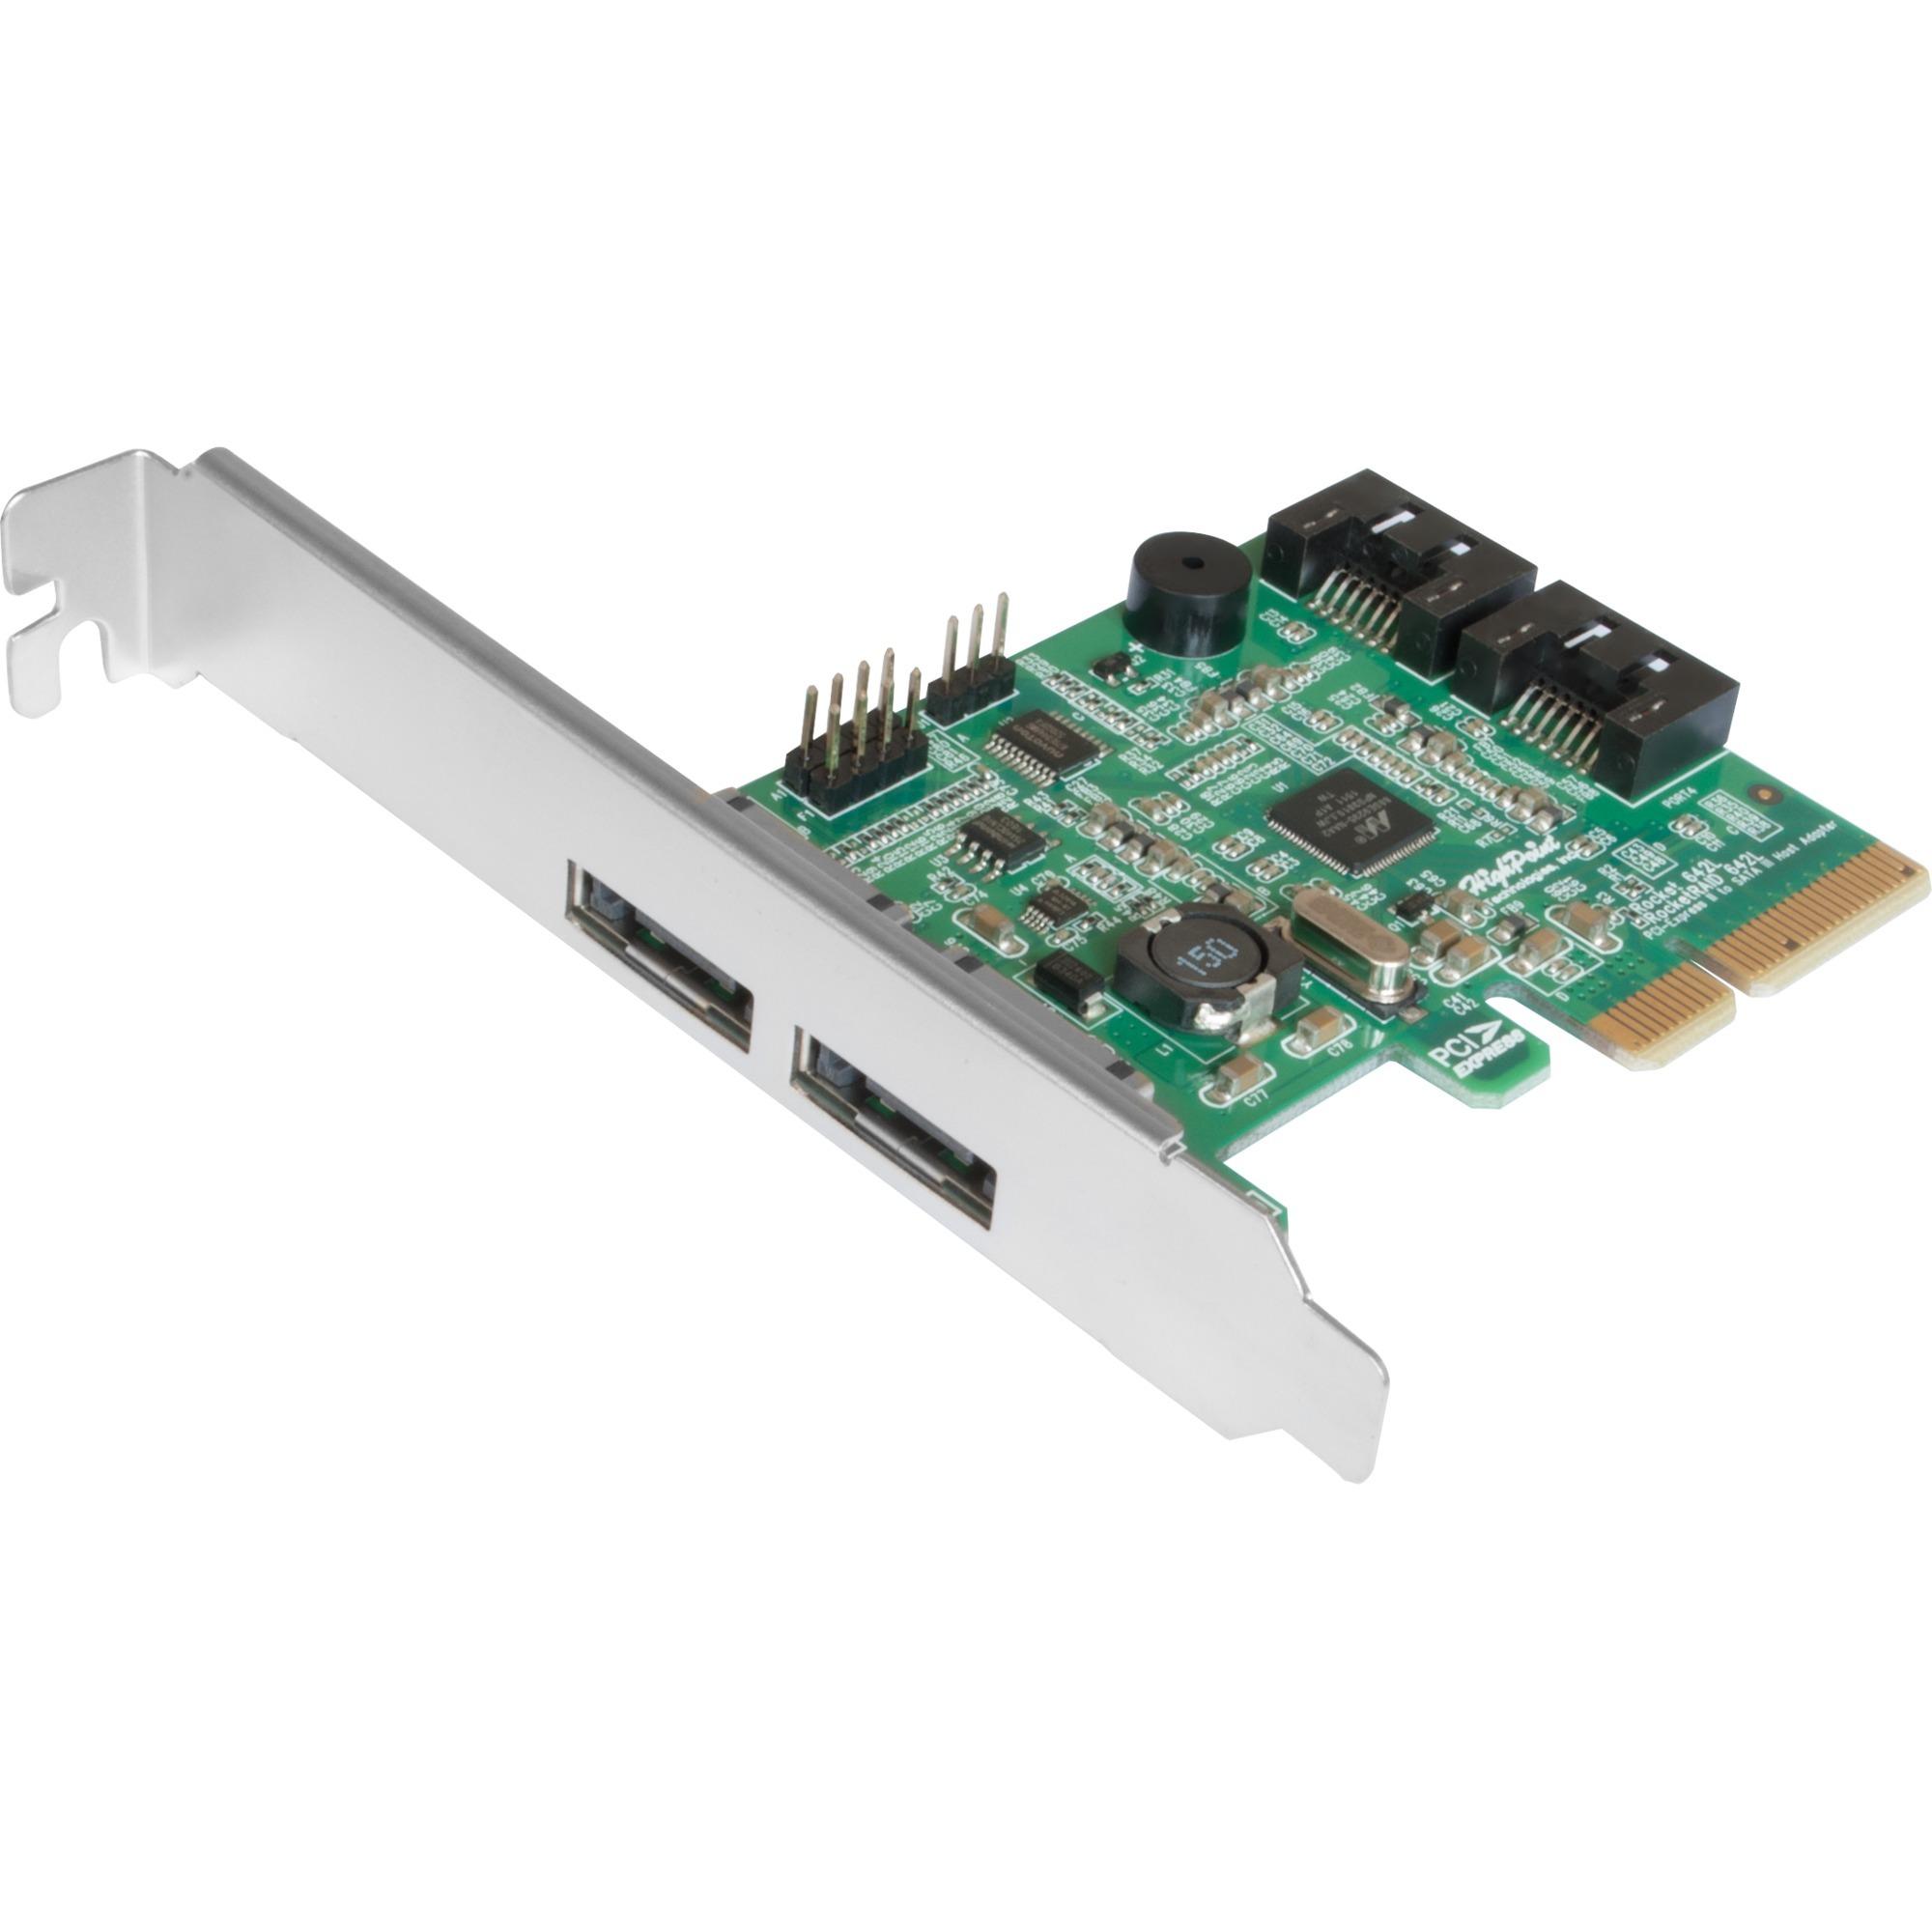 RocketRAID 642L tarjeta y adaptador de interfaz eSATA,SATA Interno, Tarjeta RAID